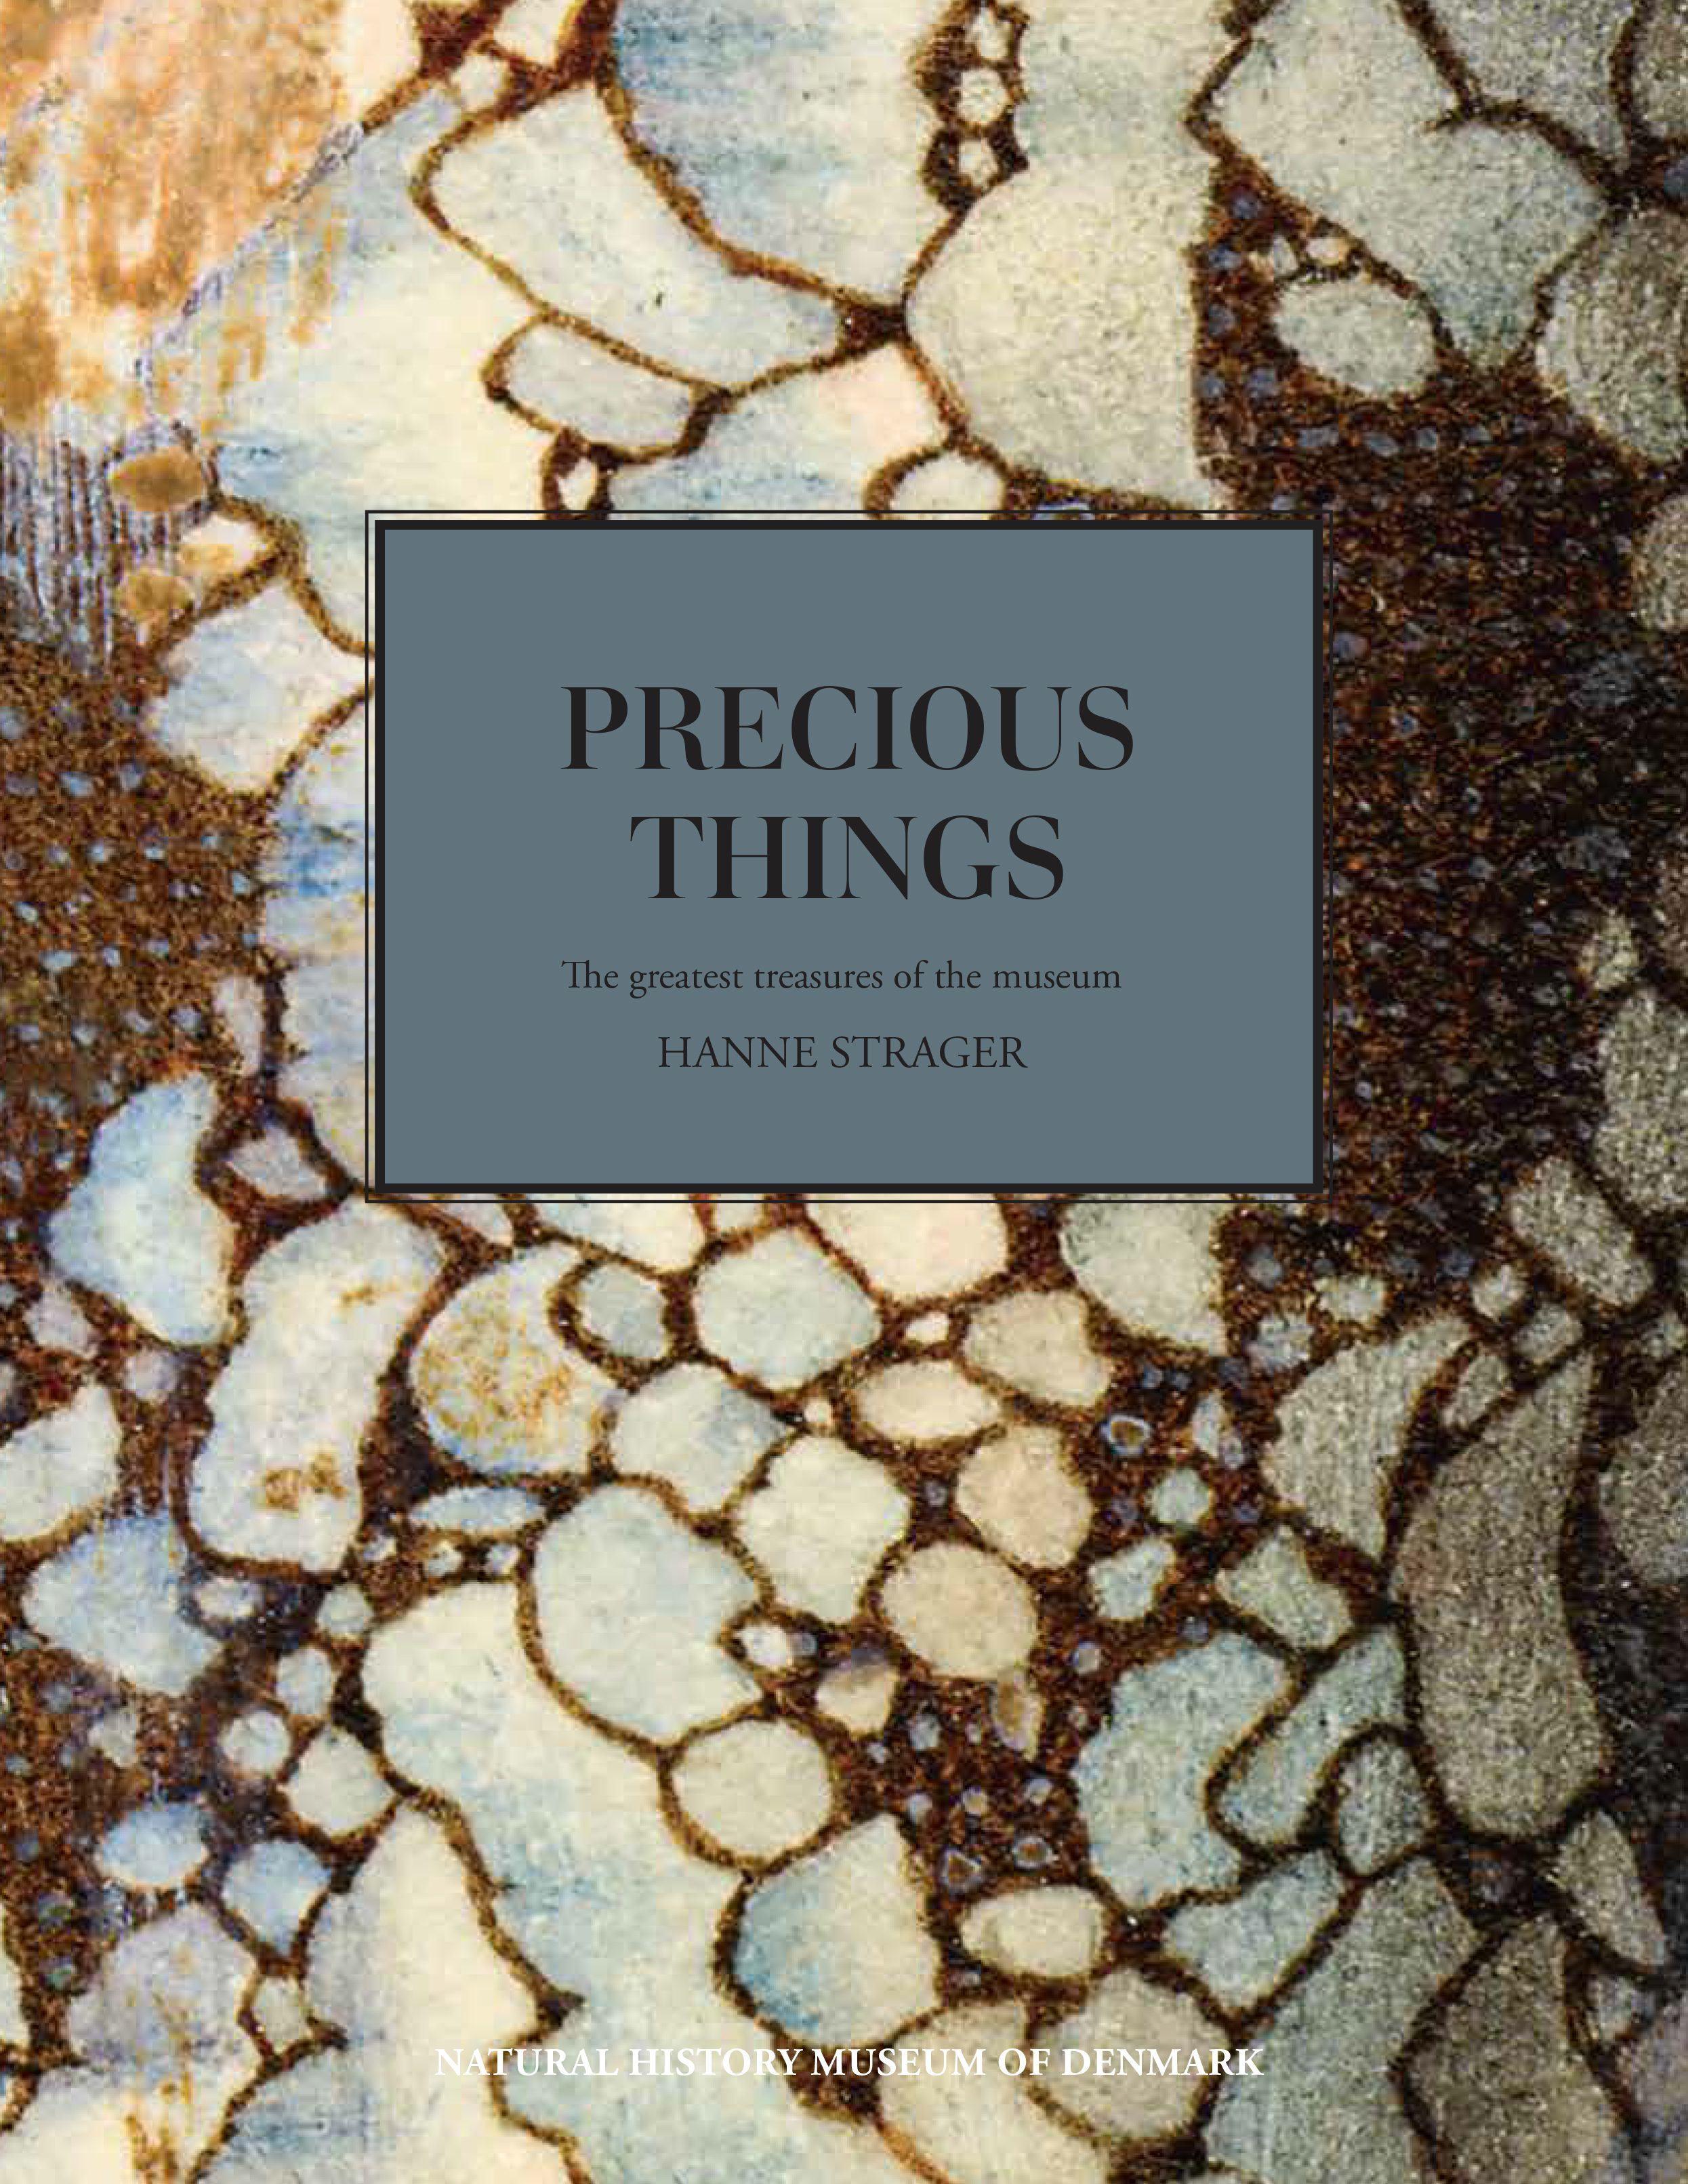 Precious Things